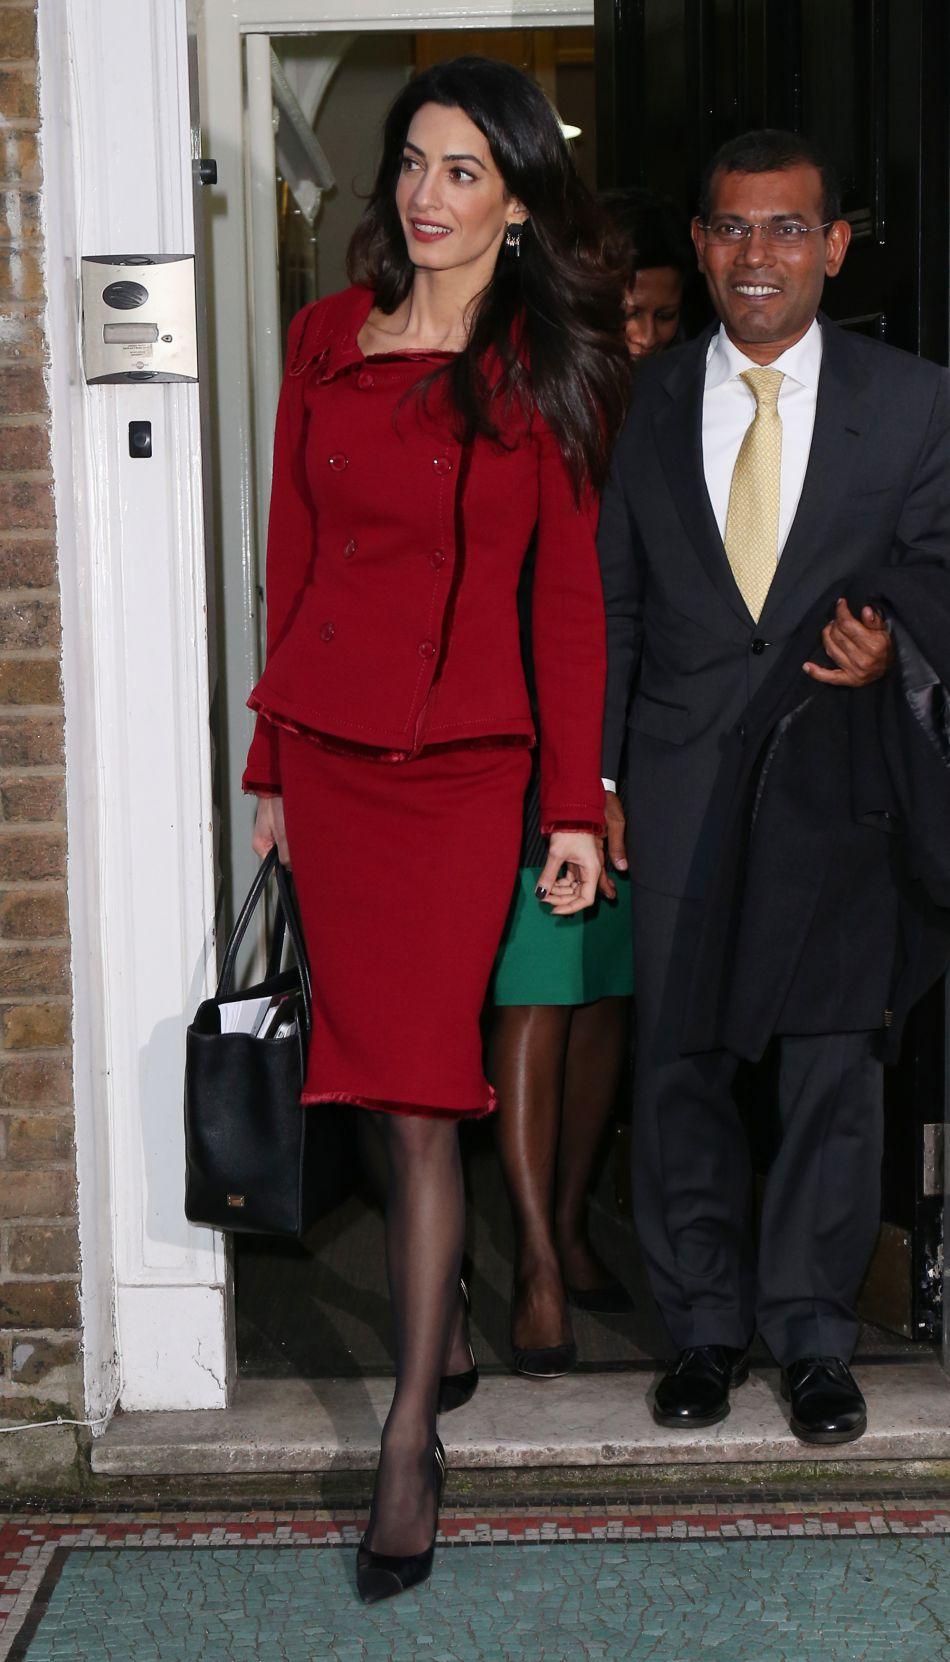 Avec son sac Dolce & Gabbana et ses chaussures Ferragamo, Amal Alamuddin est une businessgirl très chic.